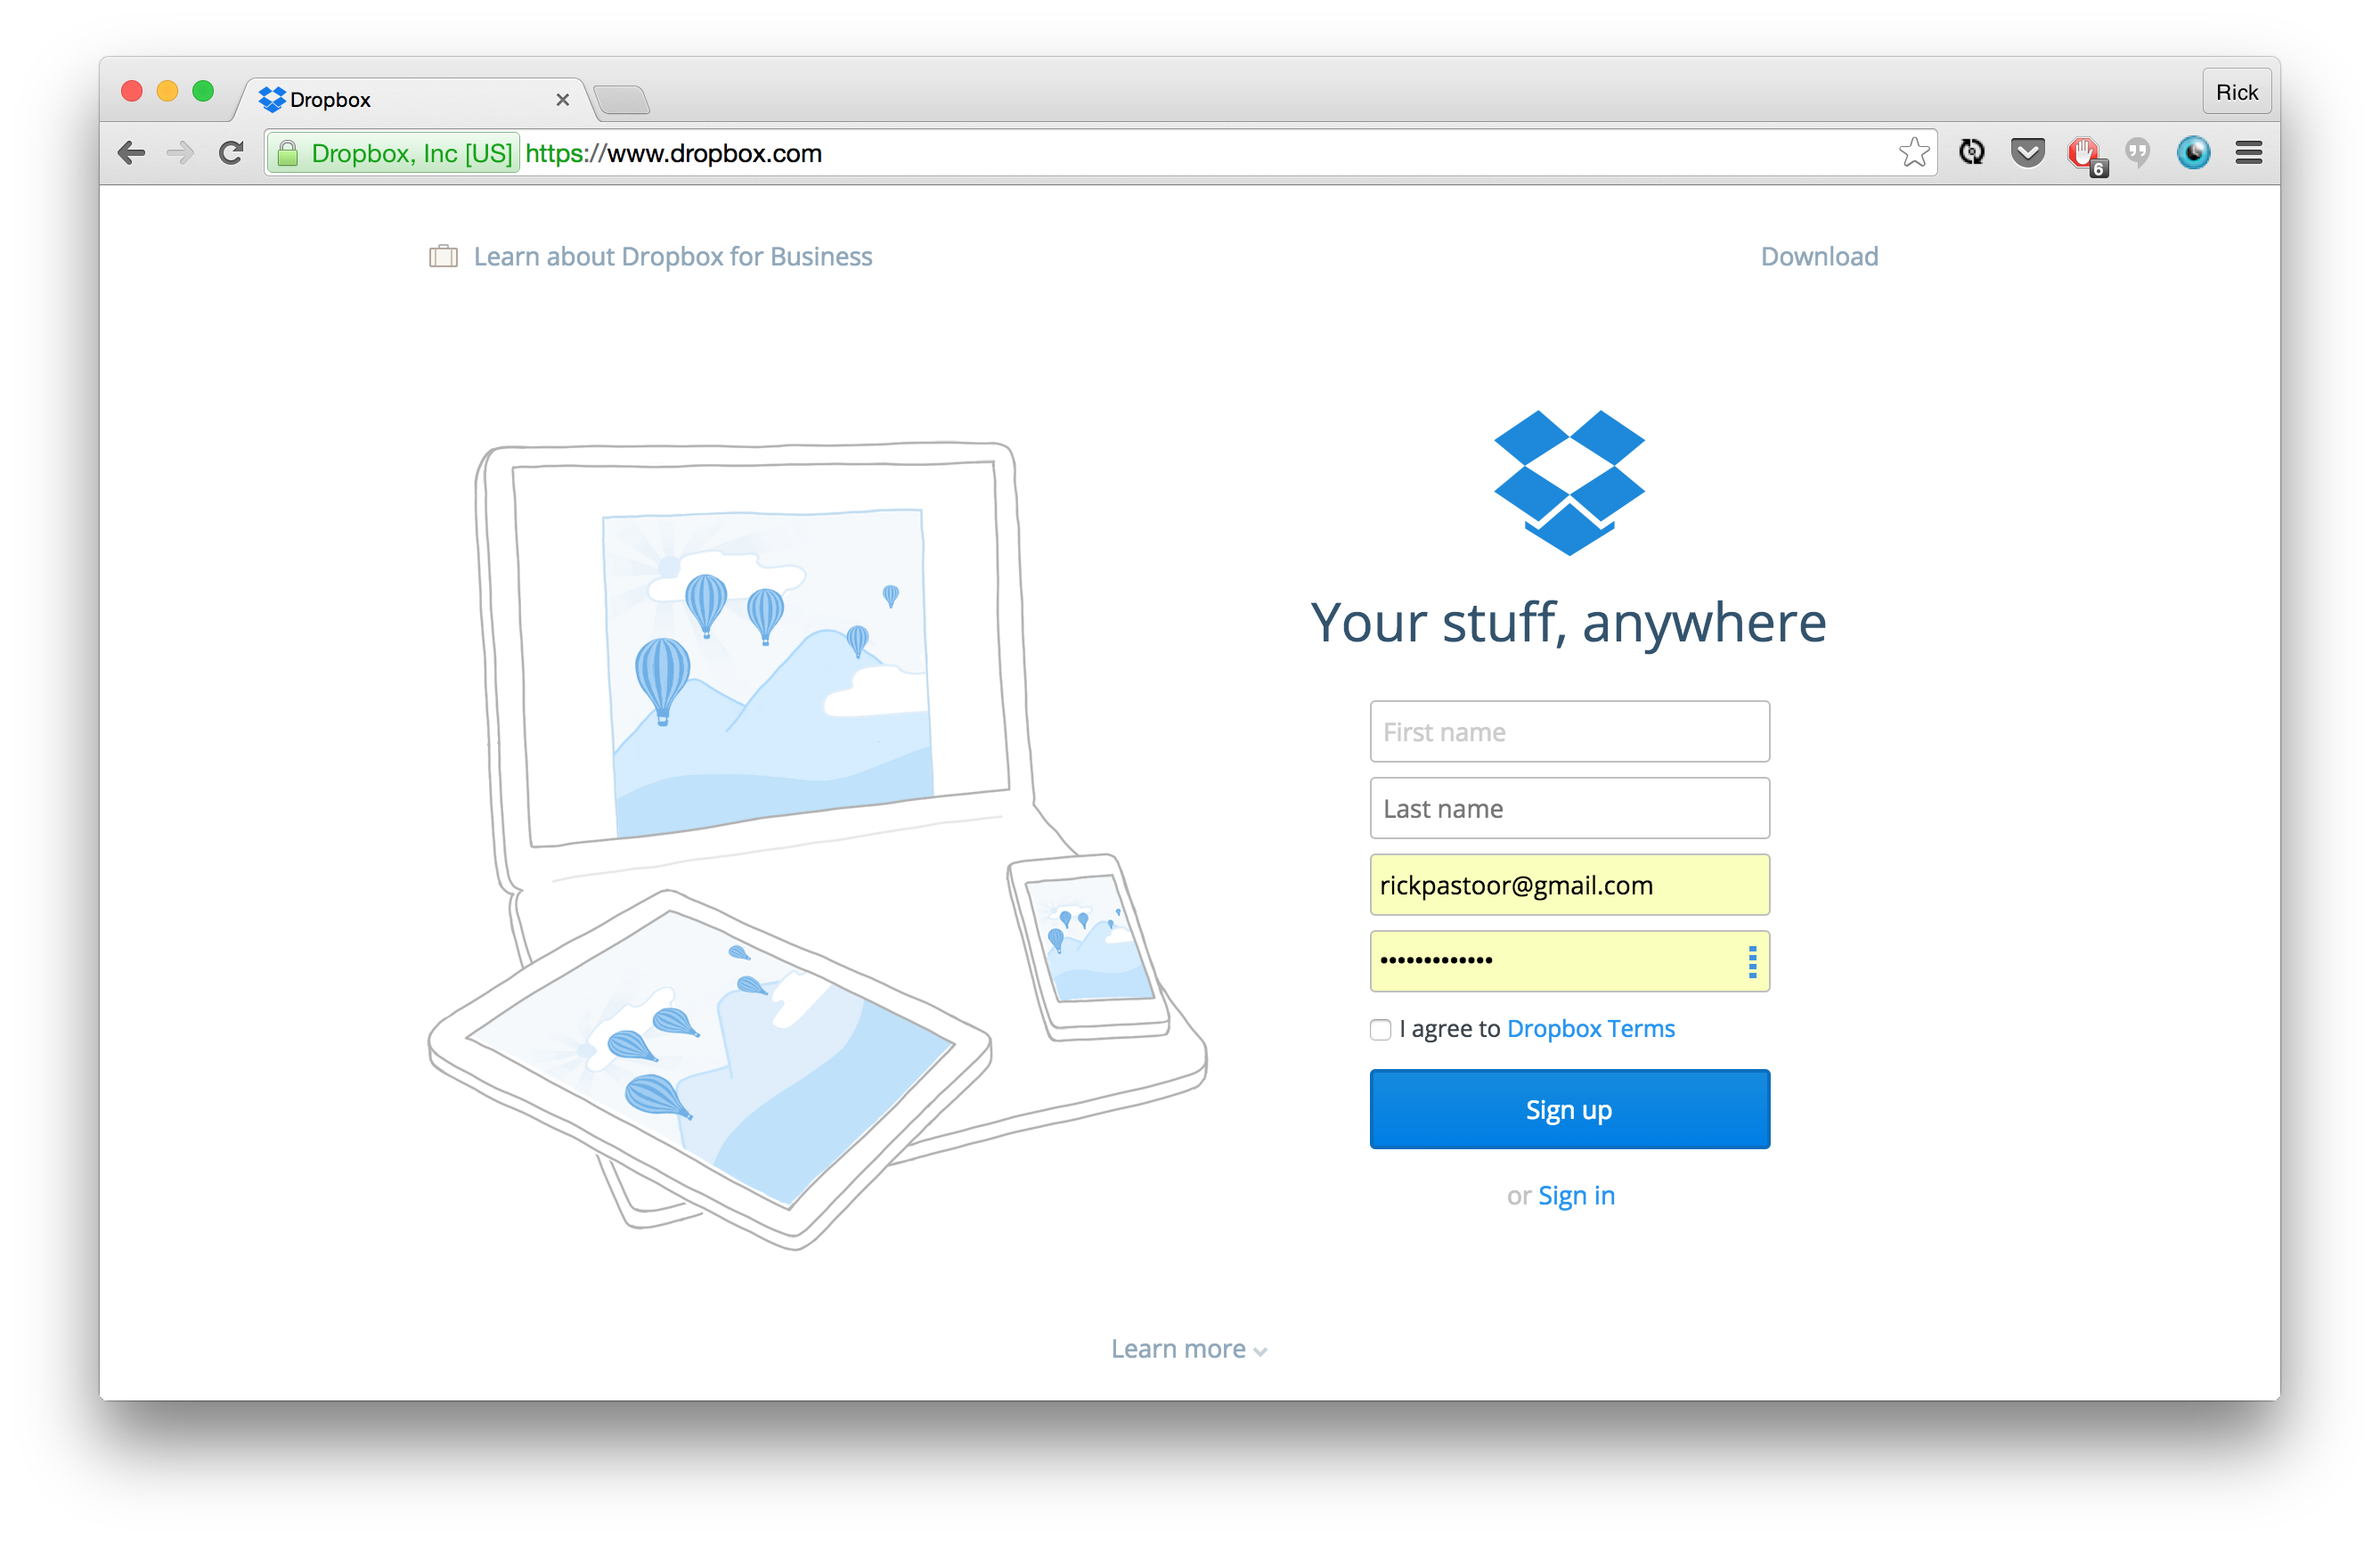 Dropbox Signup Form